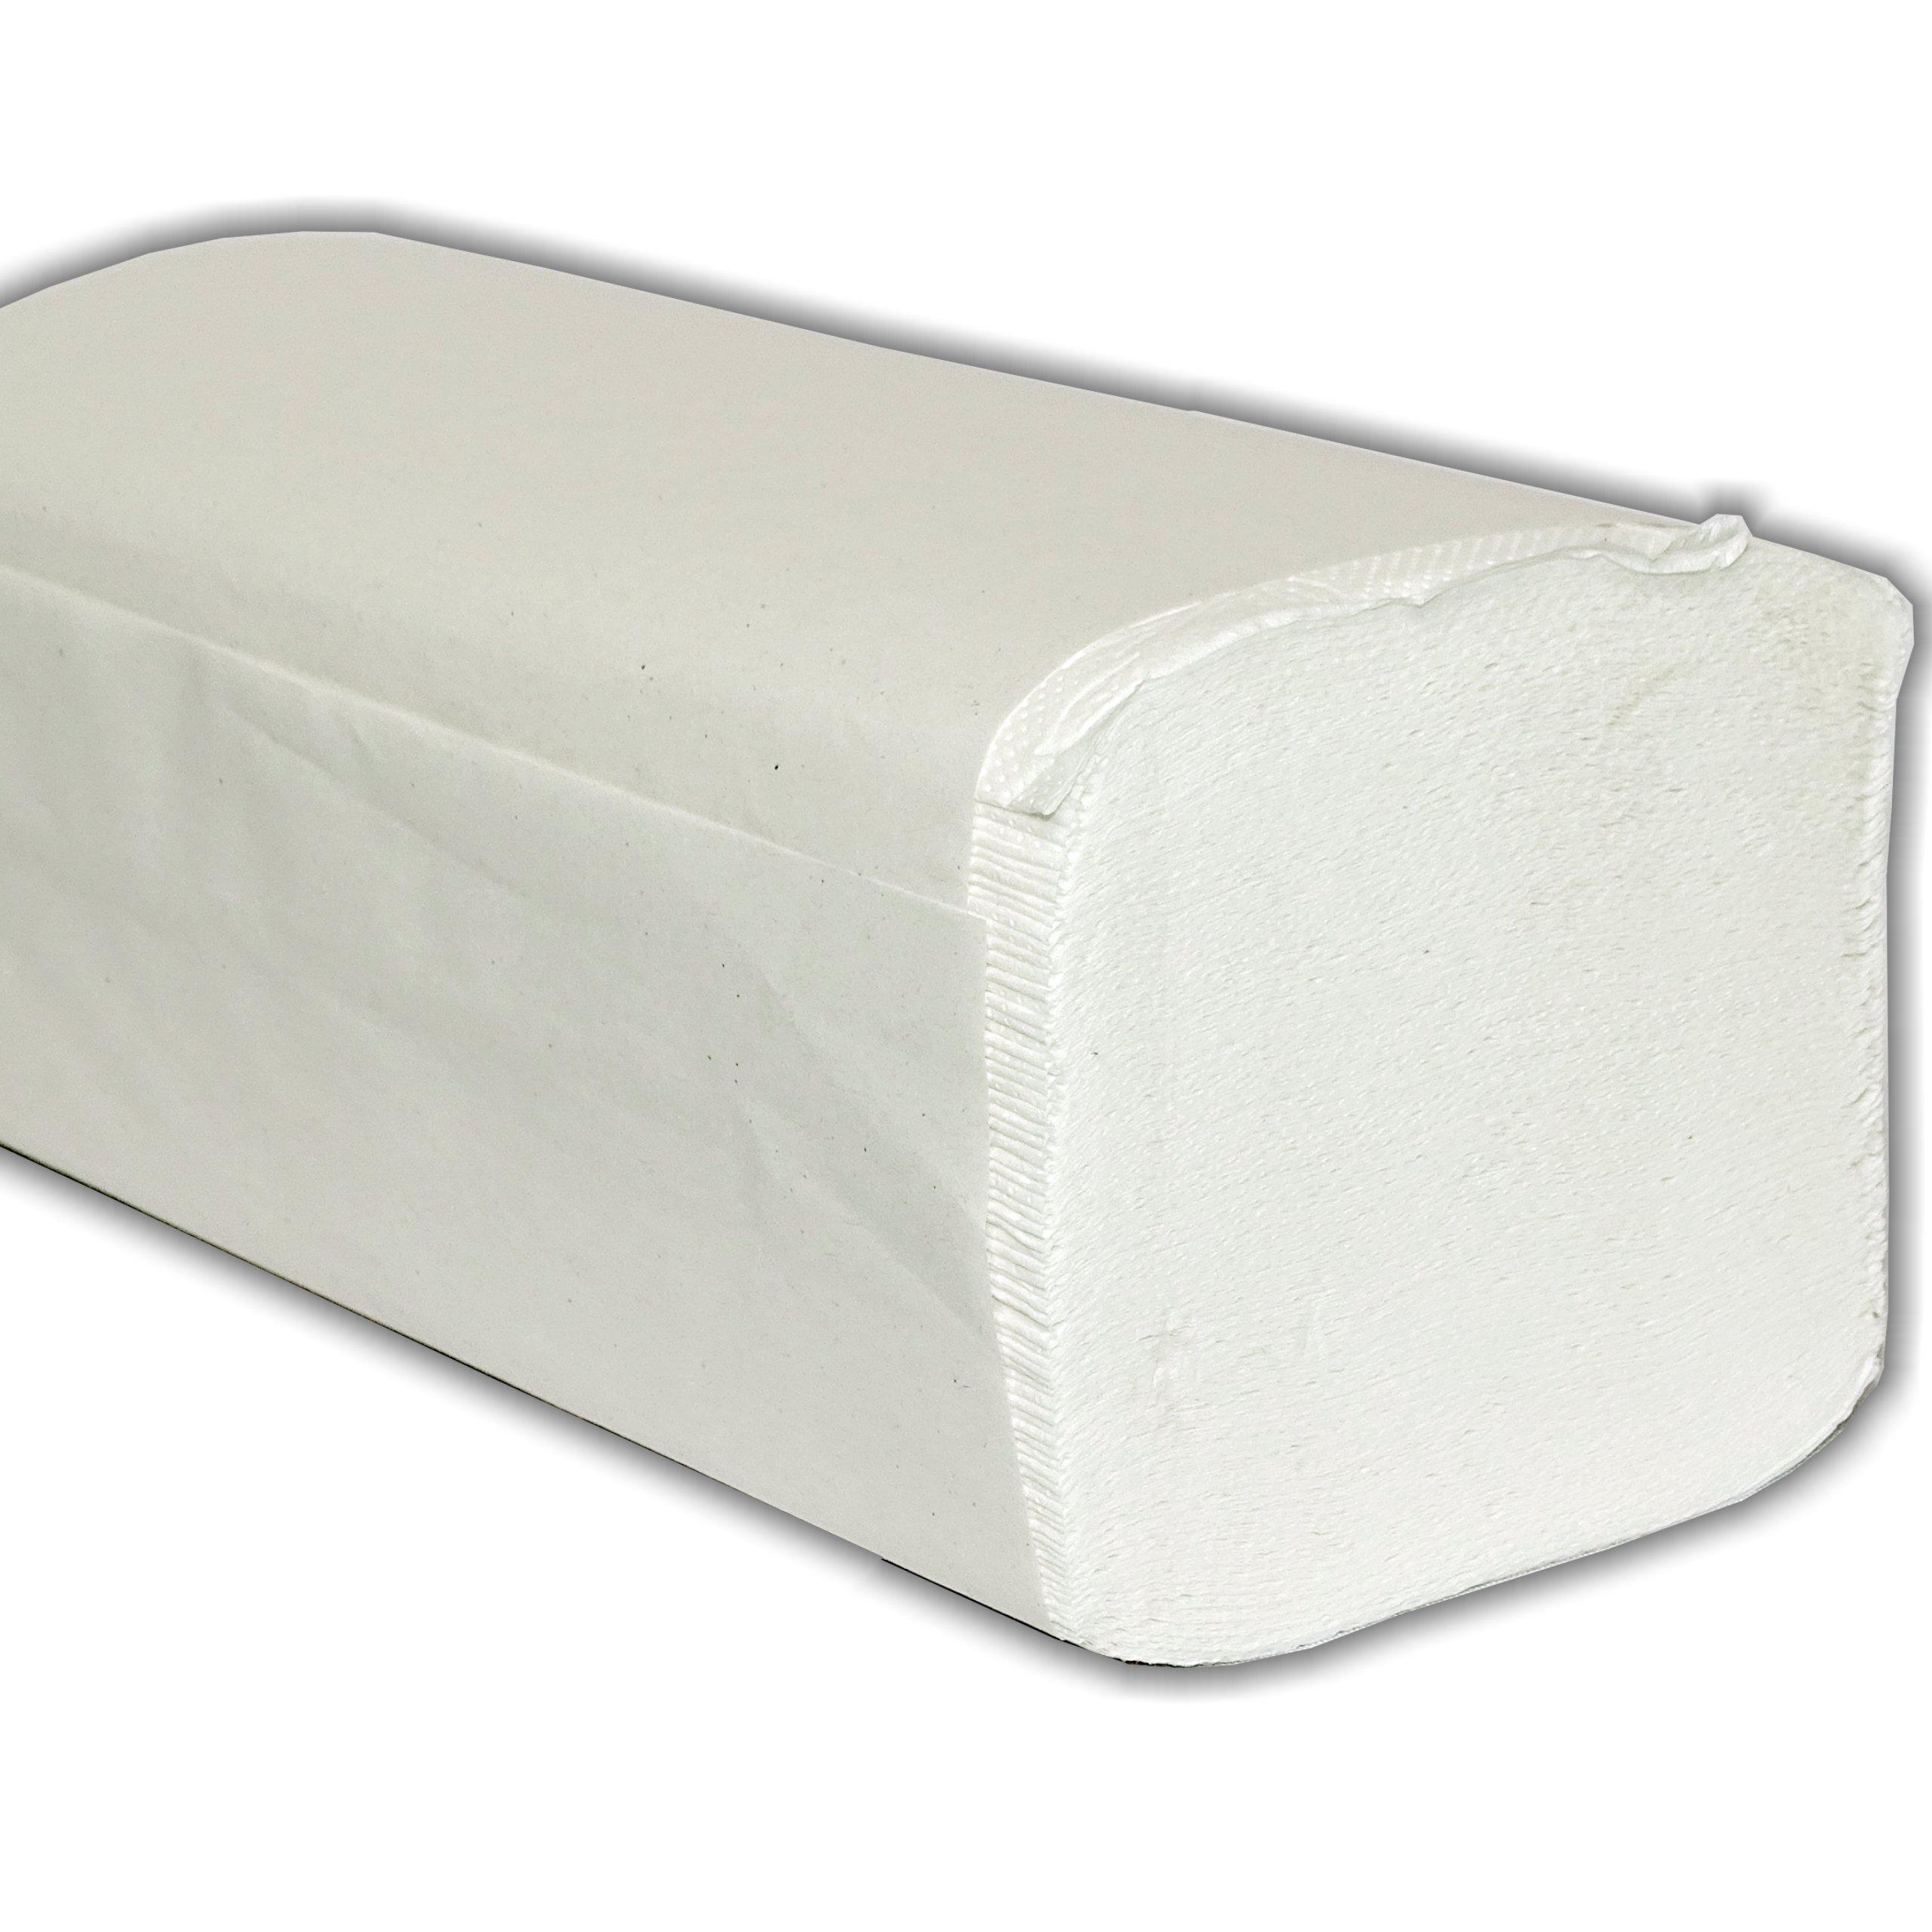 Полотенца бумажные ZZ 2-слоя 100% ЦЕЛЛЮЛОЗА, БЕЛЫЕ